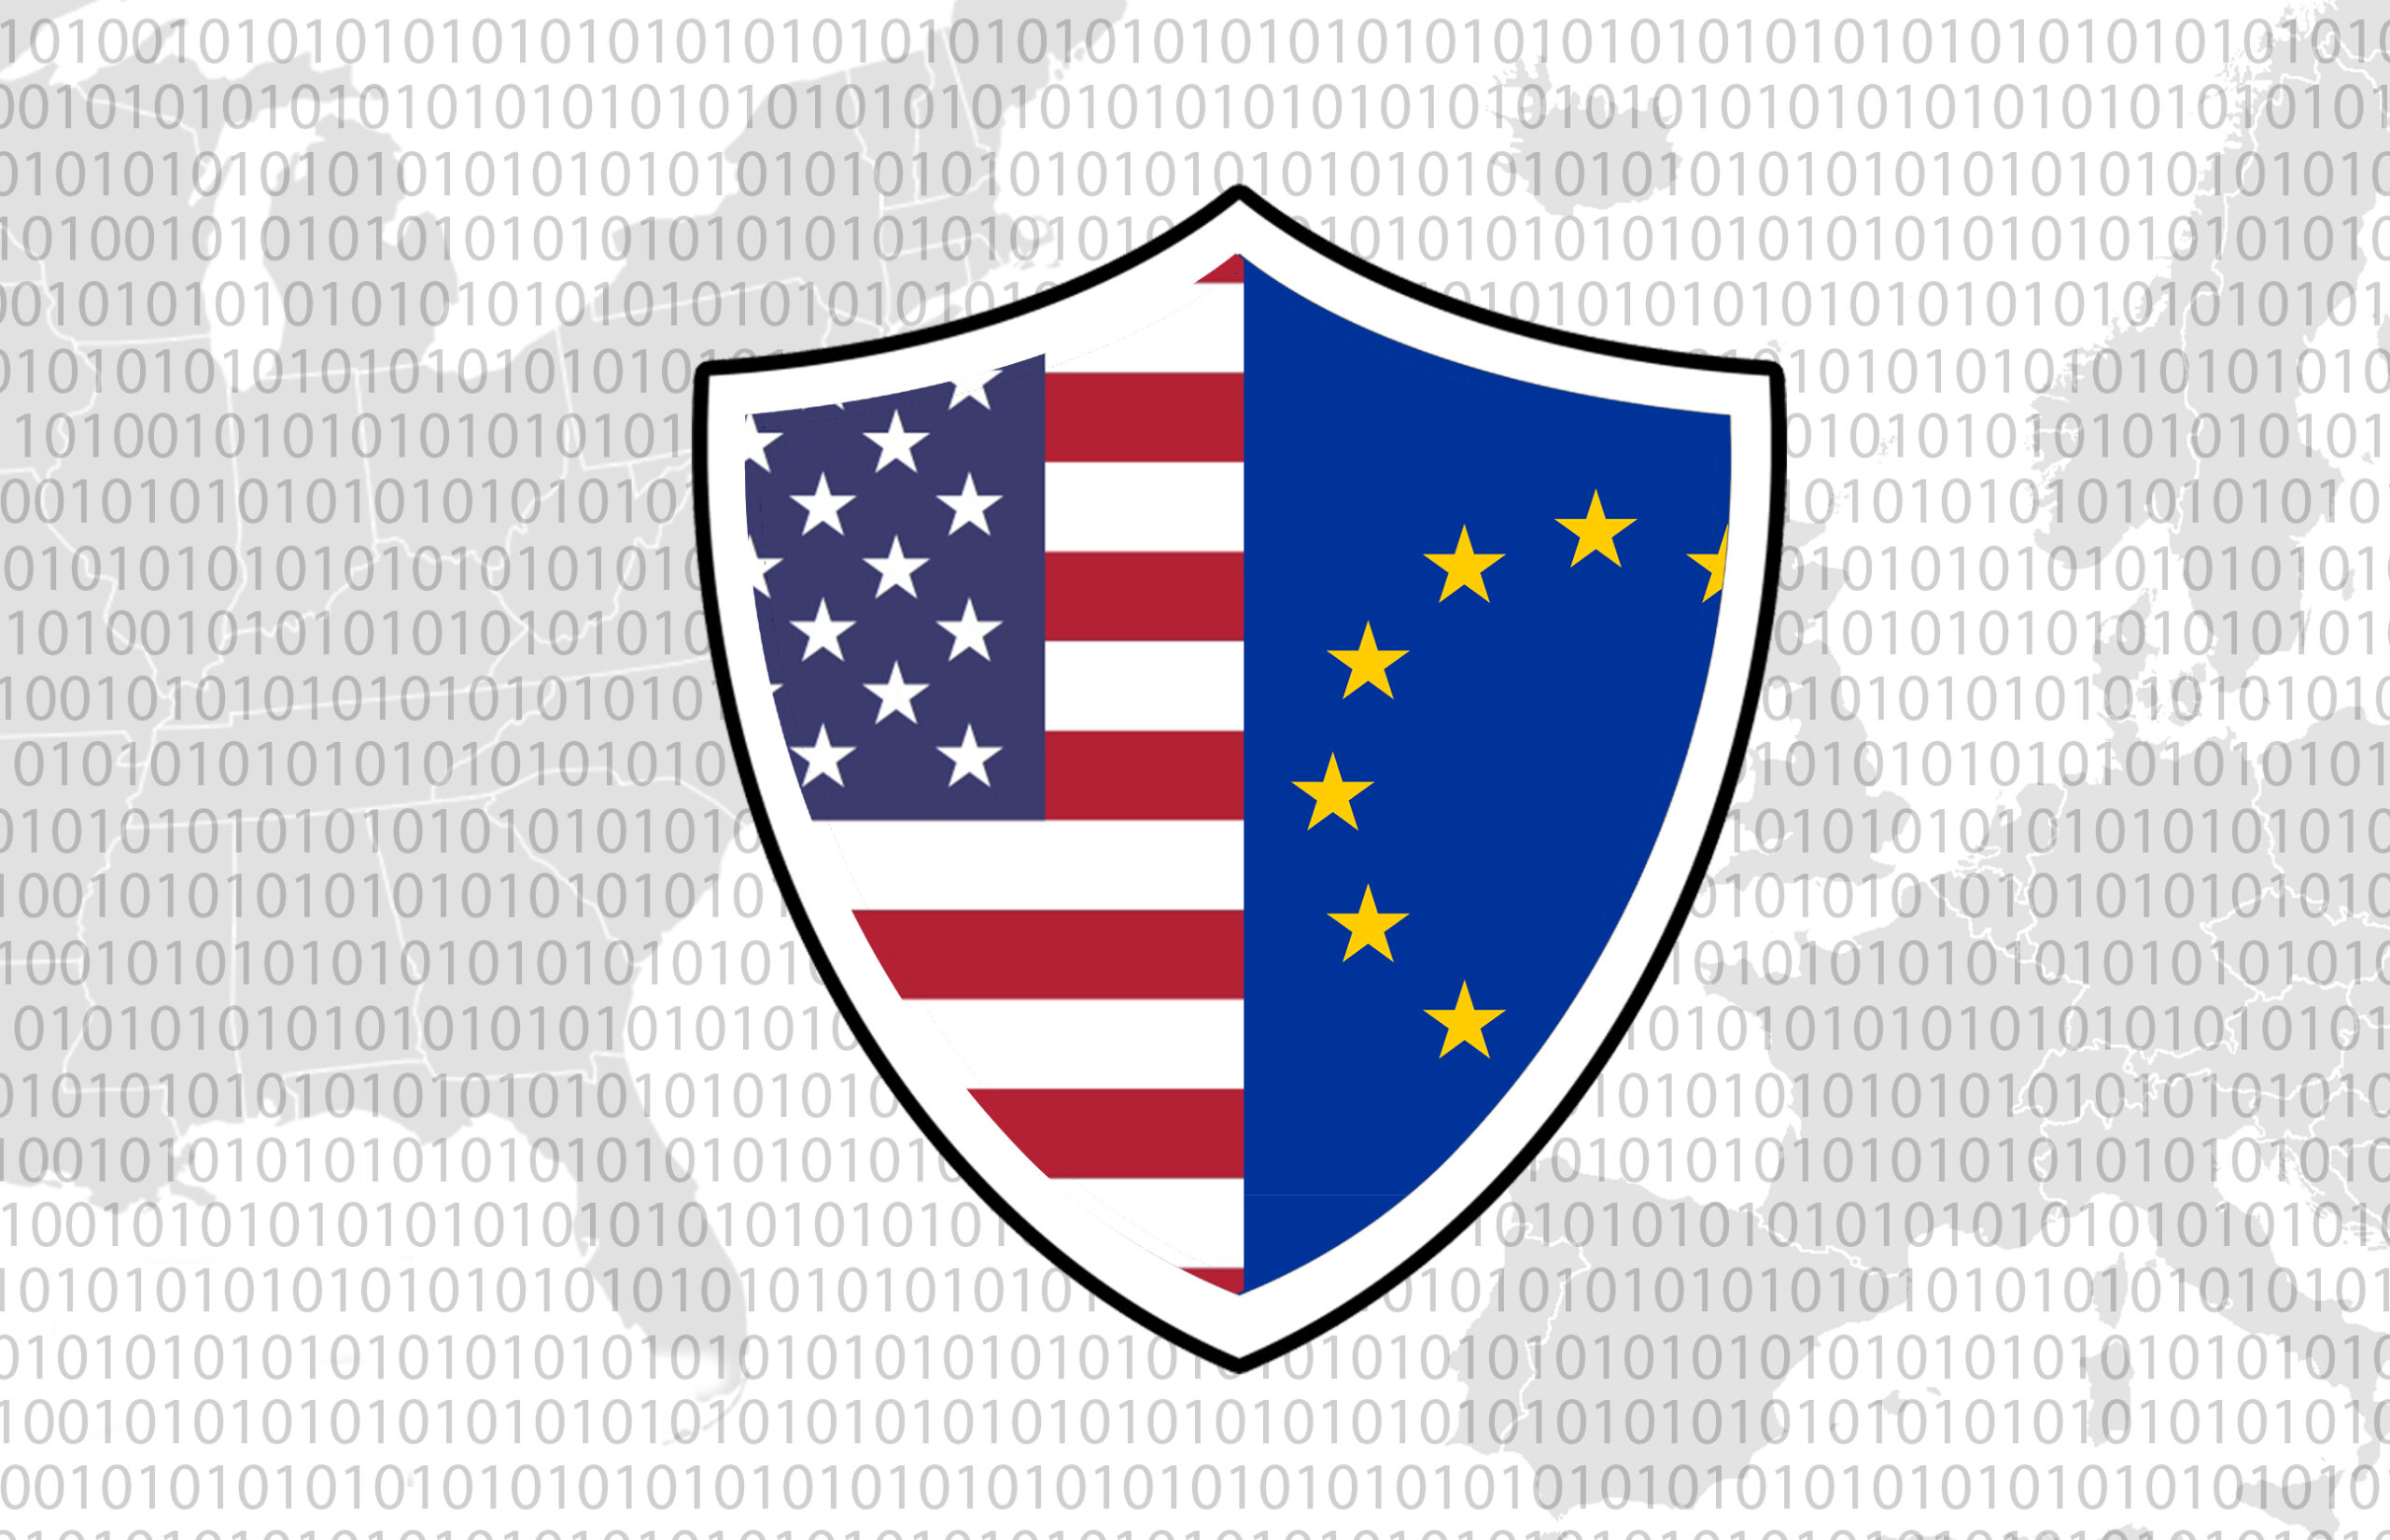 Верховный суд ЕС отказался от Privacy Shield из-за нововведений в законодательстве США